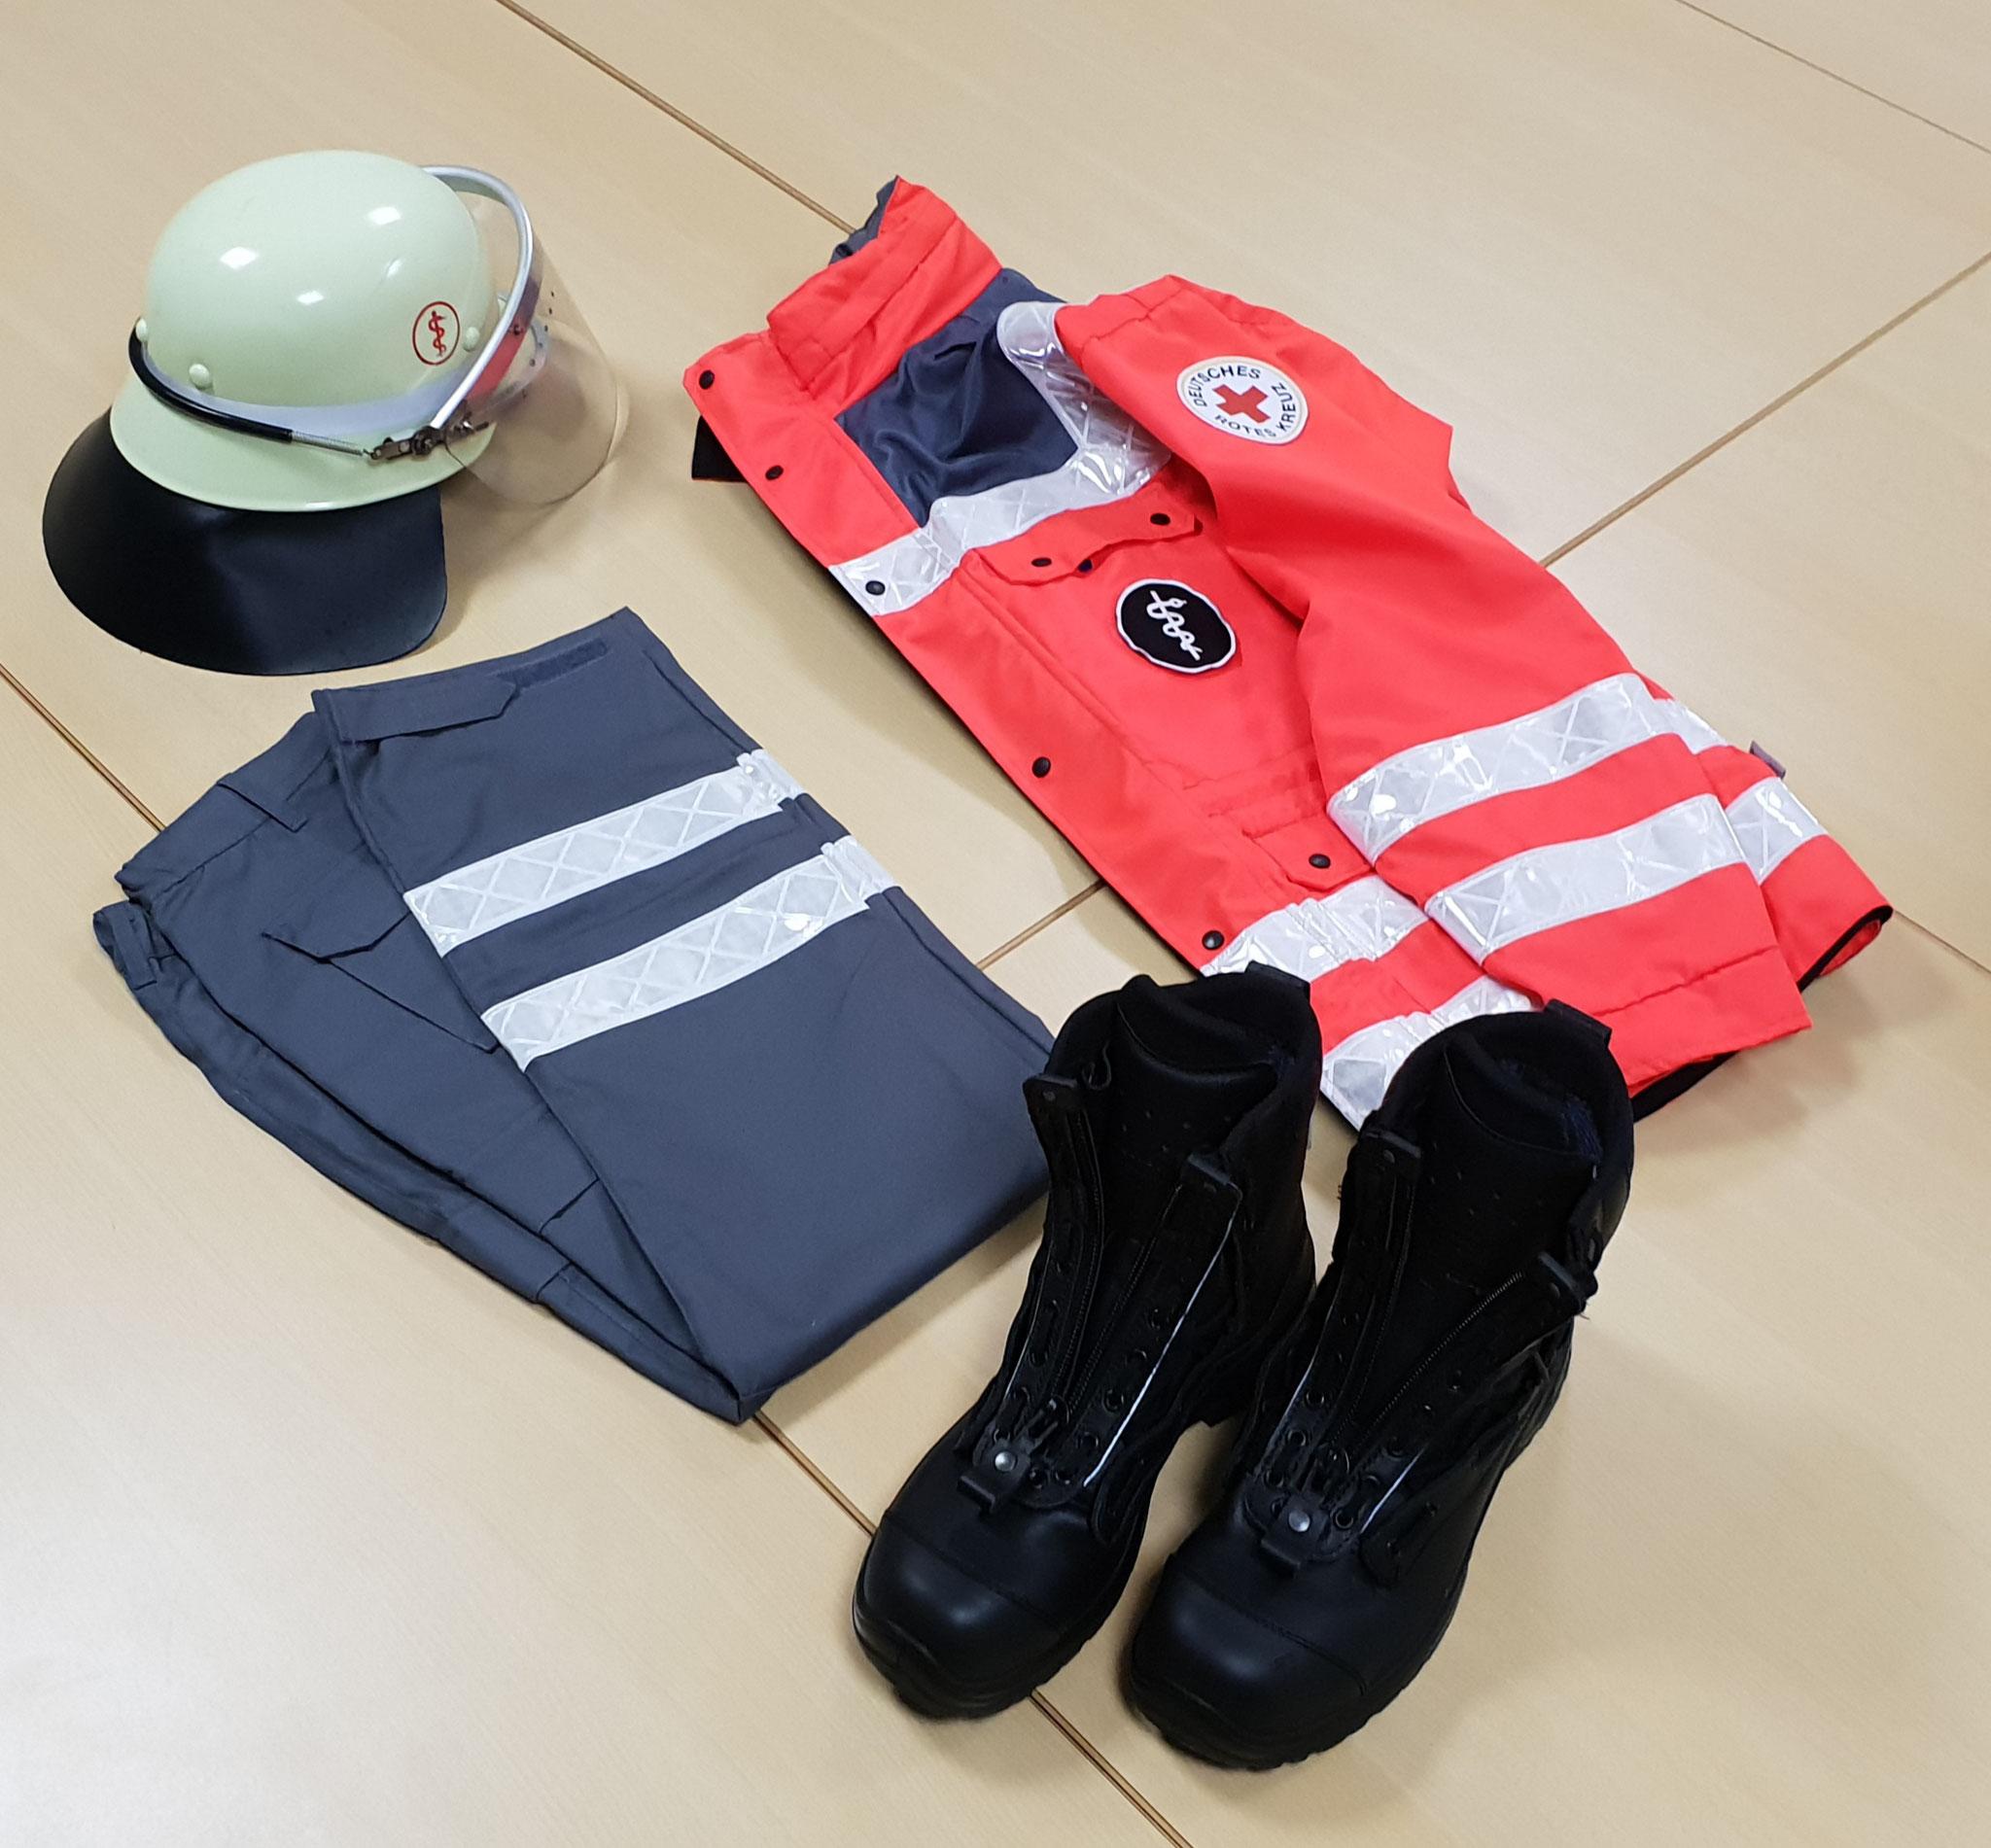 Helm, Einsatzhose, -jacke und -stiefel